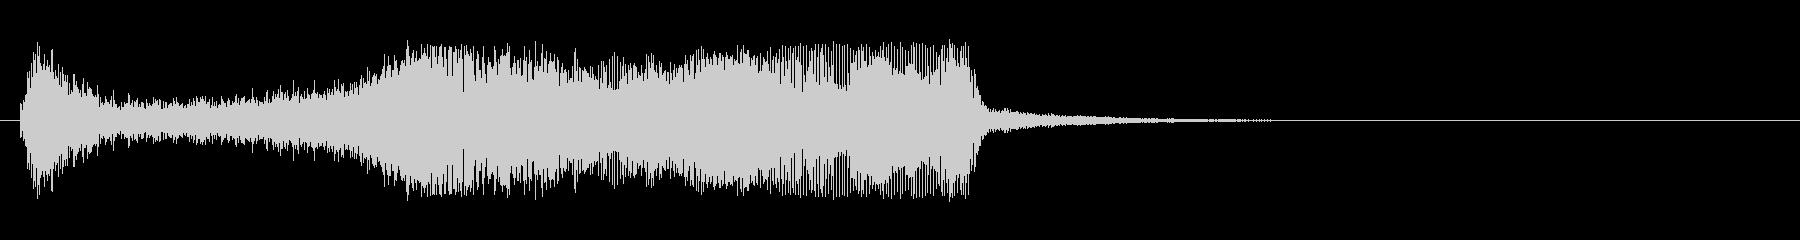 恐怖・ホラー・サスペンス系のストリングスの未再生の波形